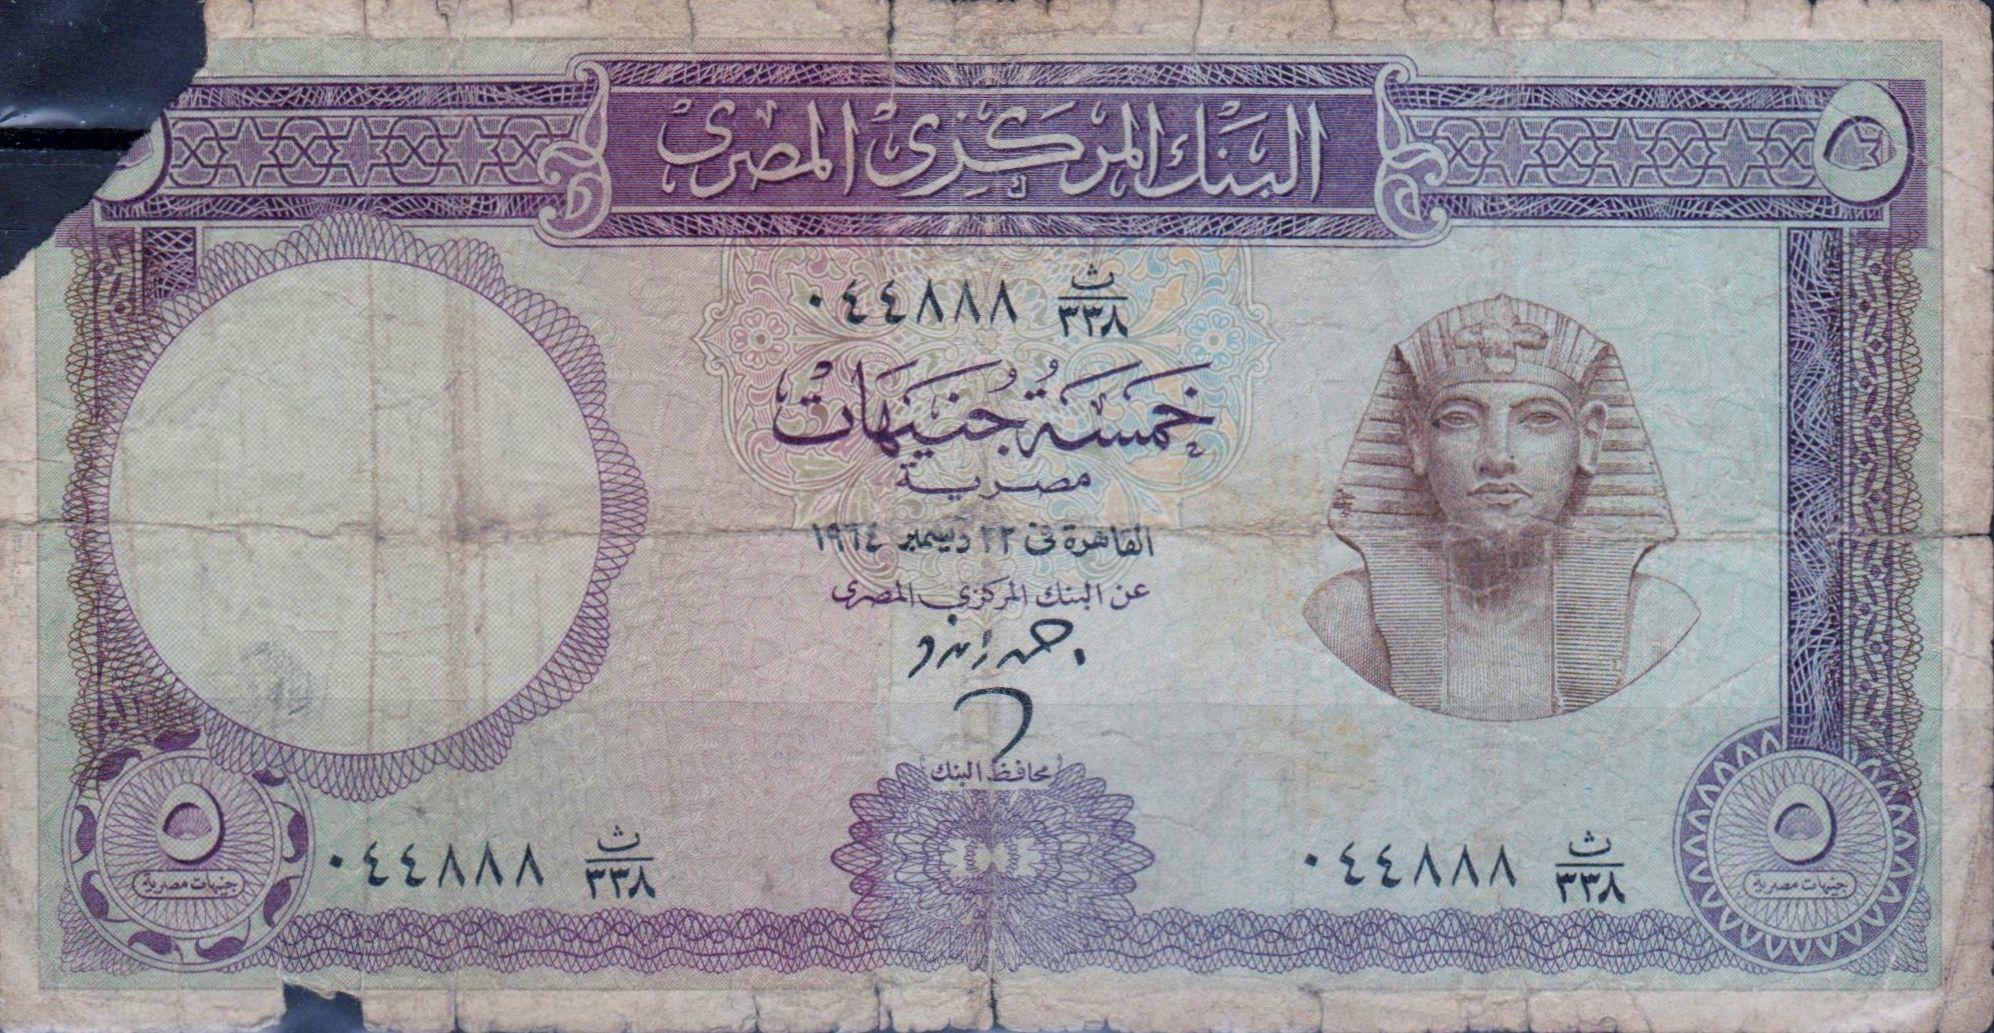 5 POUNDS Banknote EGYPT - 1964 - KING TUTANKHAMUN Portrait.